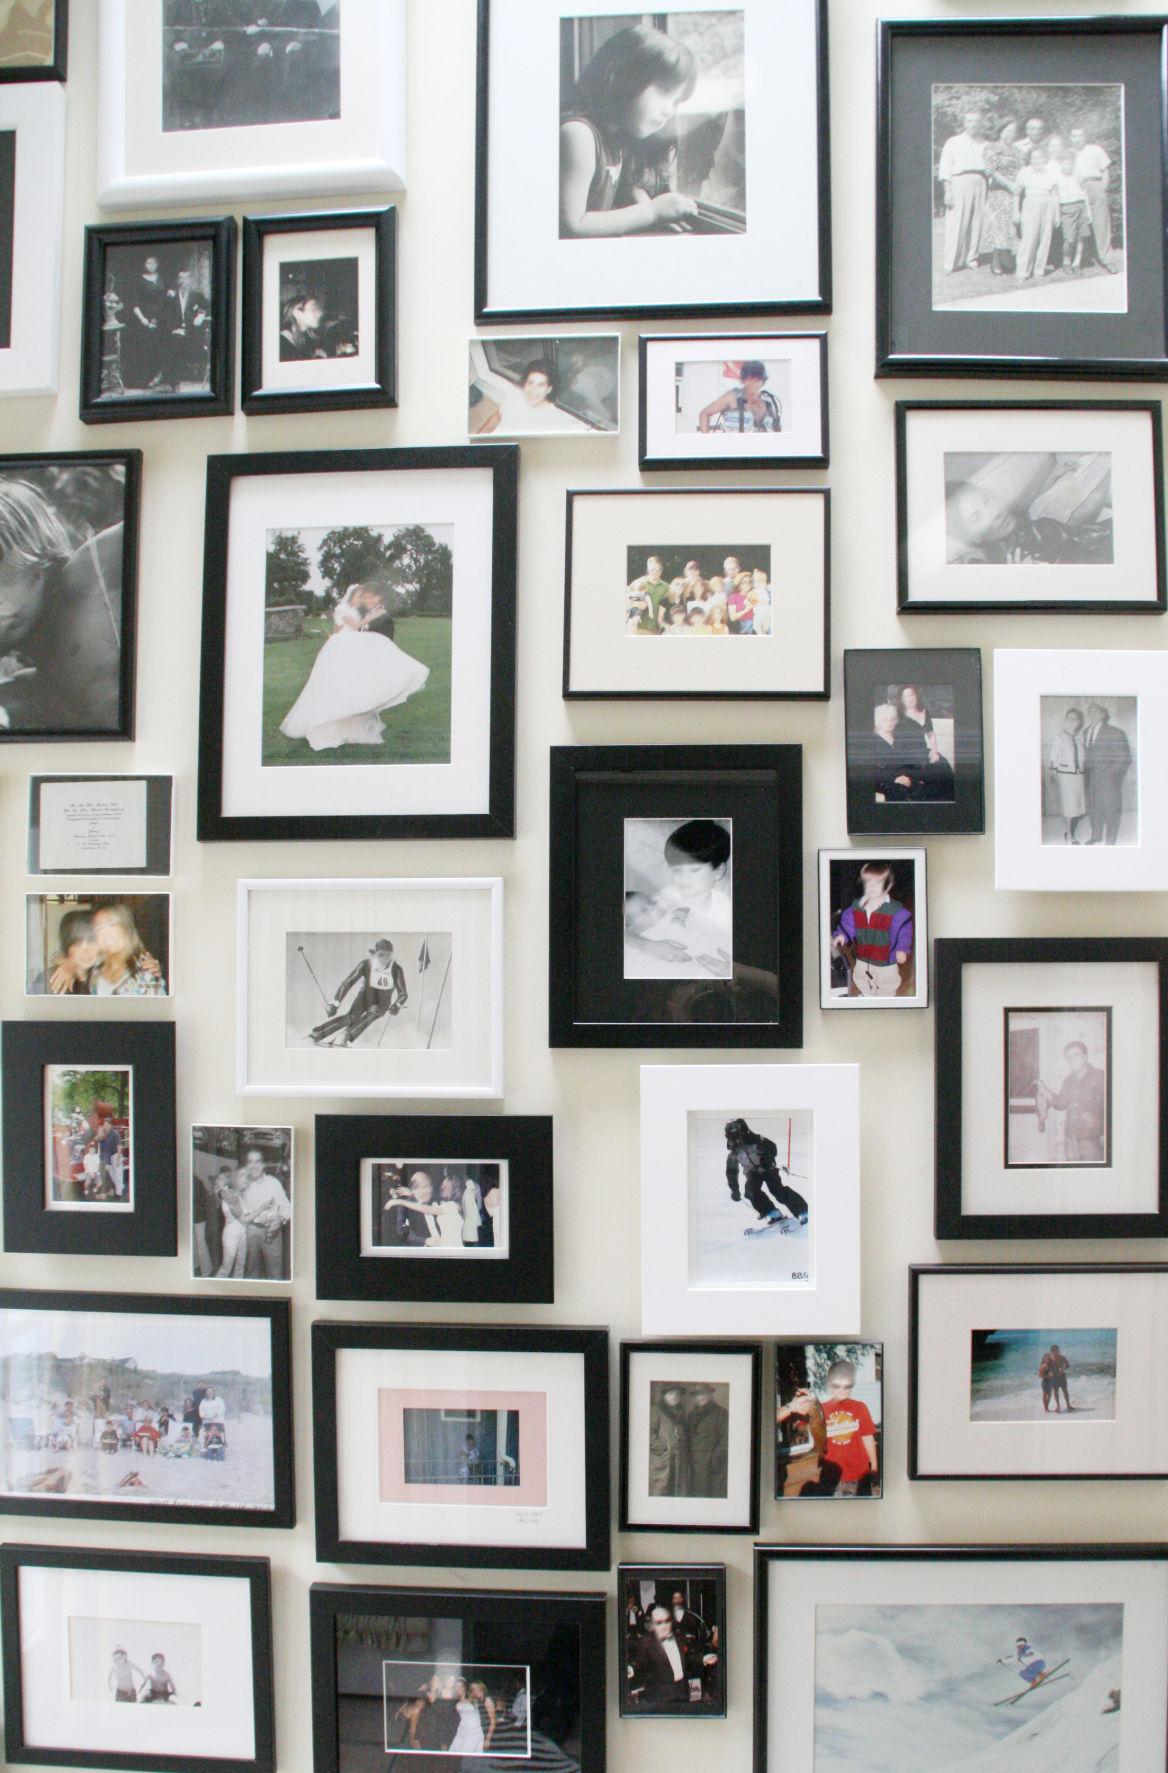 frames3_40858.jpg